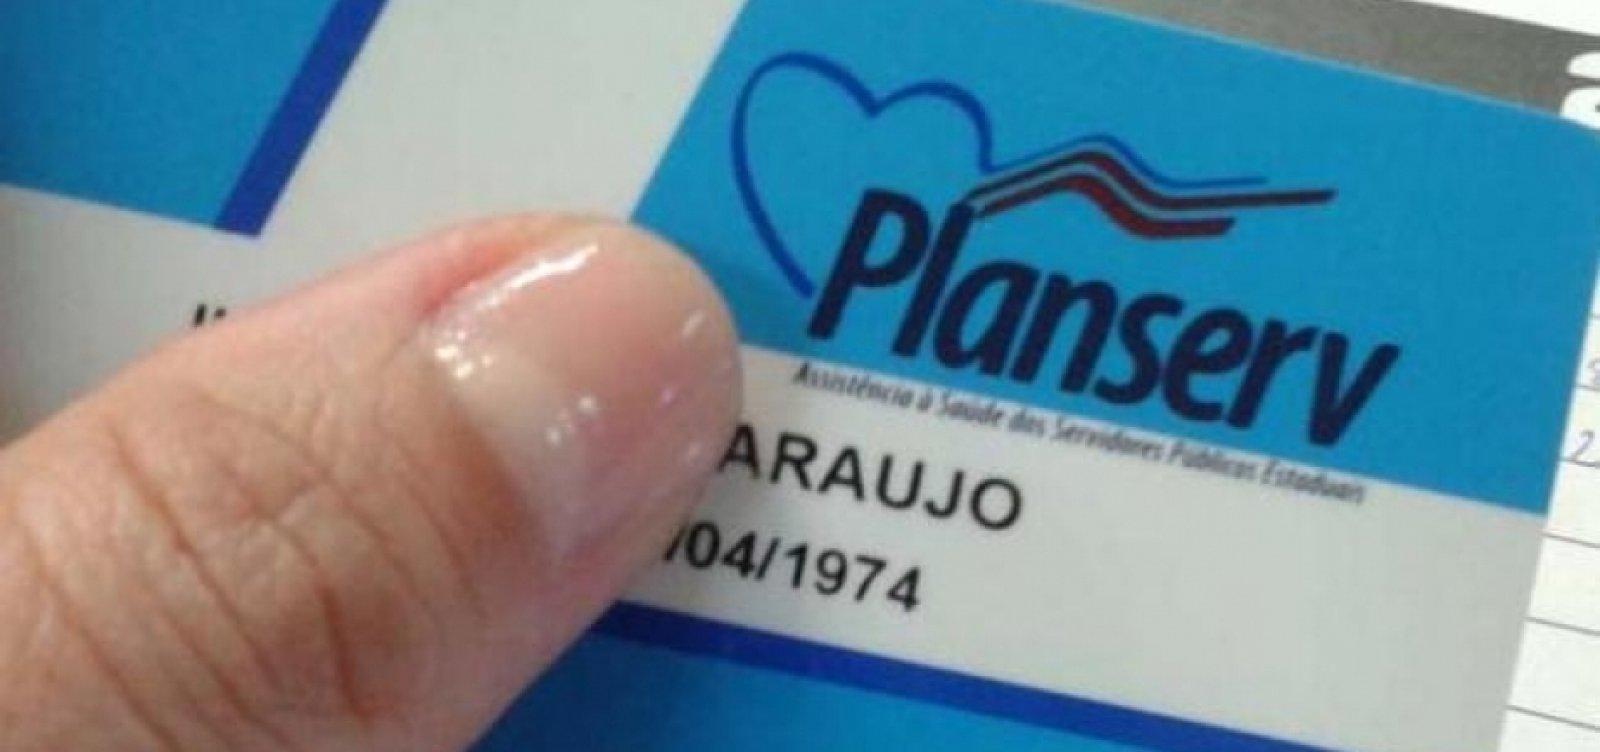 [Médicos paralisam atendimento ao Planserv em toda a Bahia]